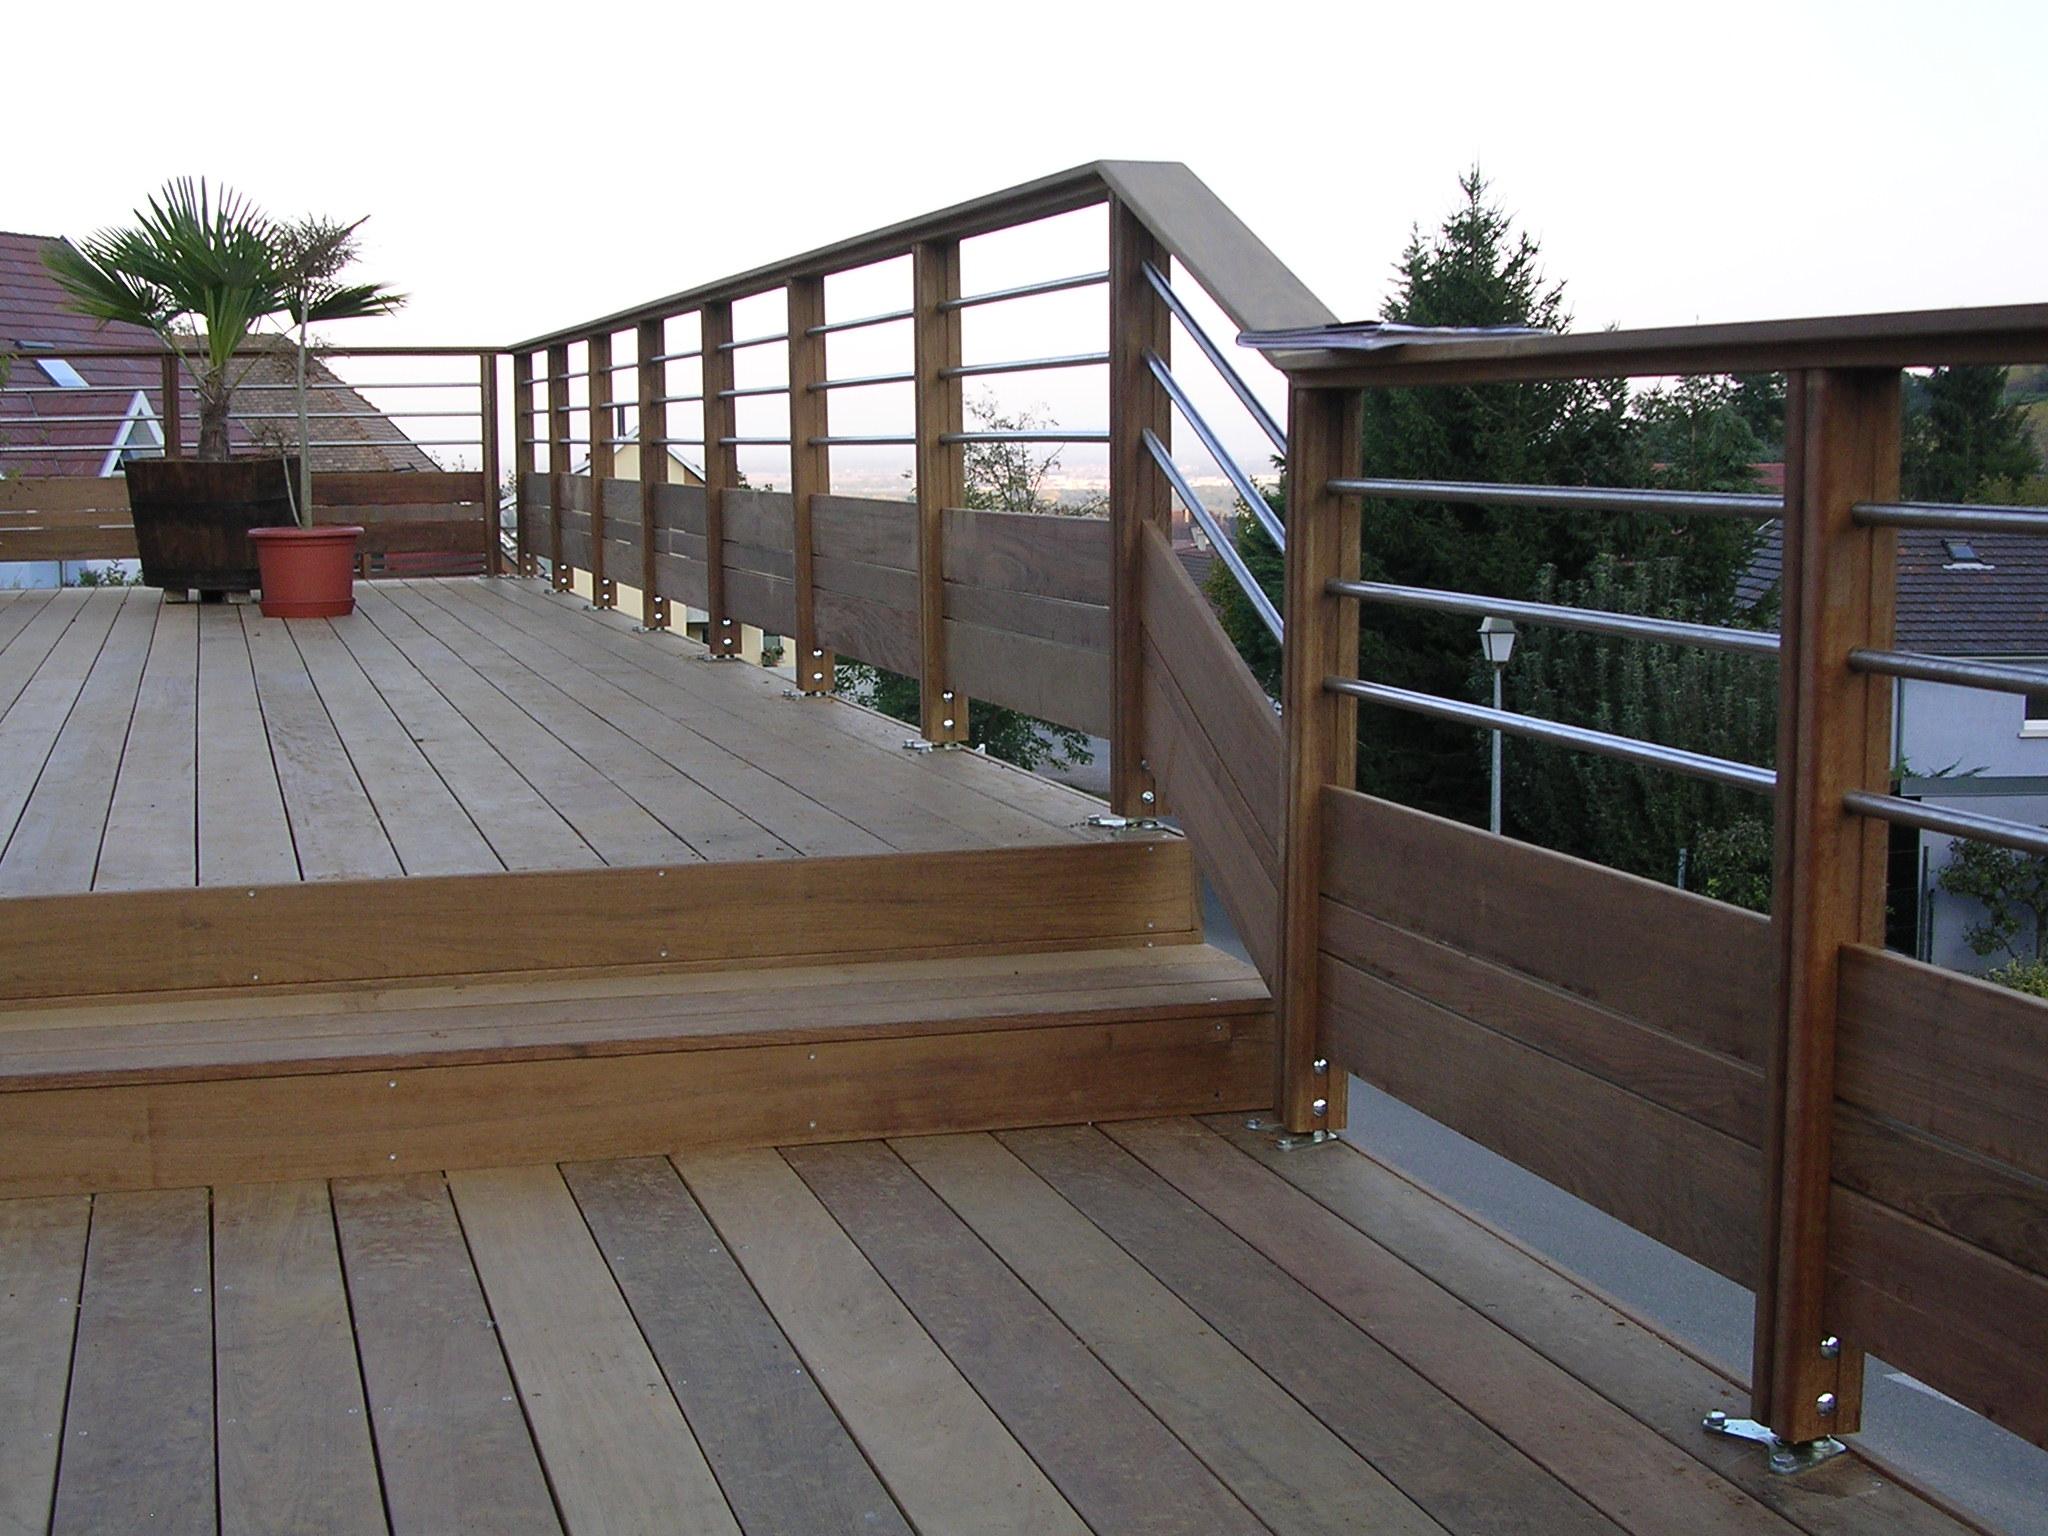 vente de garde corps rambardes et escaliers en bois pos ou en kit alsace terrasse. Black Bedroom Furniture Sets. Home Design Ideas